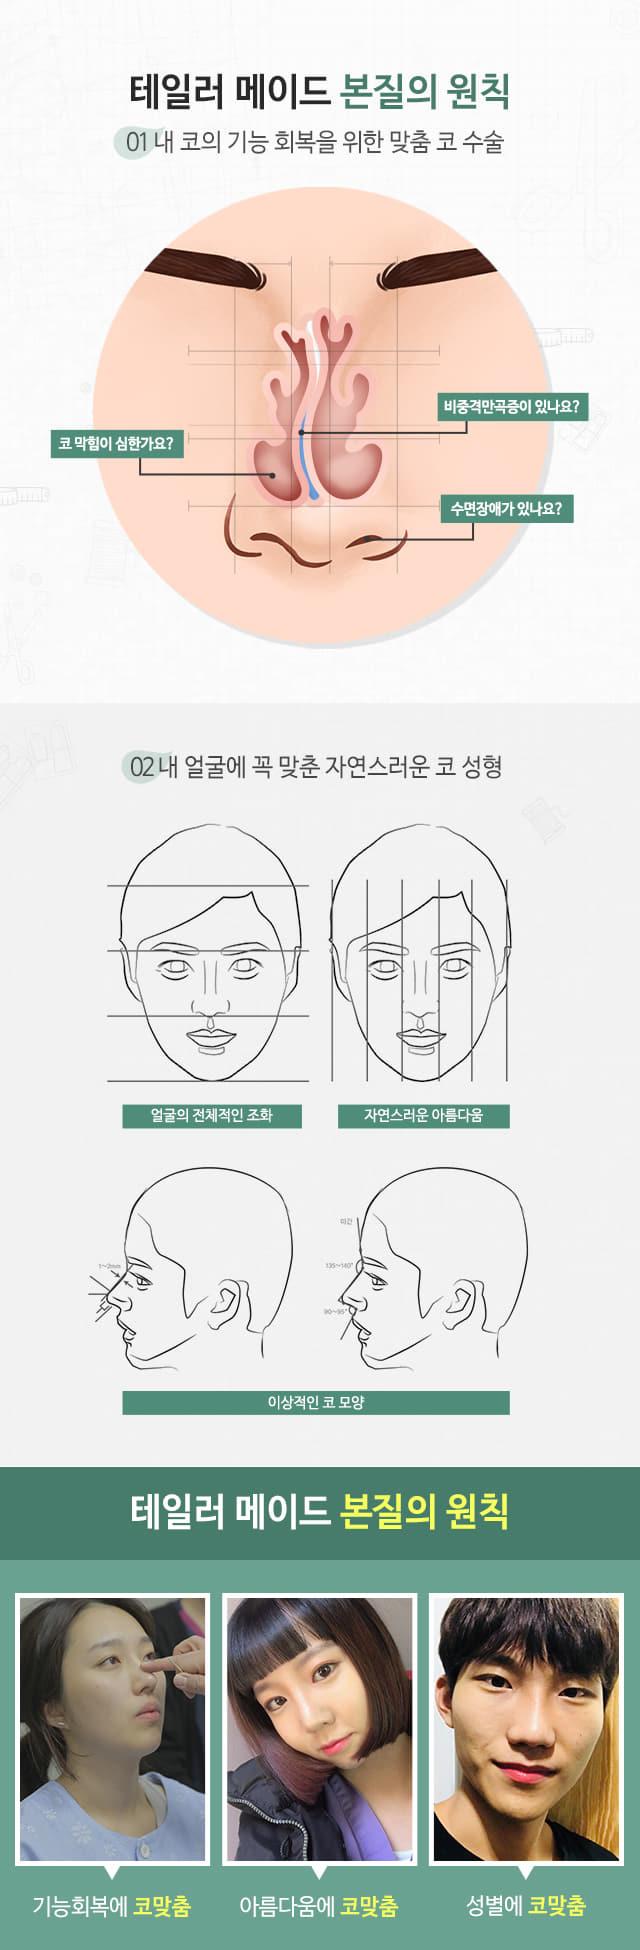 테일러 메이드 본질의 원칙 01 내 코의 기능 회복을 위한 맞춤 코수술 비중격만곡증이 있나요? 코 막힘이 심한가요? 수면장애가 있나요? 02 내 얼굴에 꼭 맞춘 자연스러운 코 성형 얼굴의 전체적인 조화 자연스러운 아름다움 이상적인 코 모양 테일러 메이드 본질의 원칙 기능회복에 코 맞춤 아름다움에 코 맞춤 성별의 코 맞춤